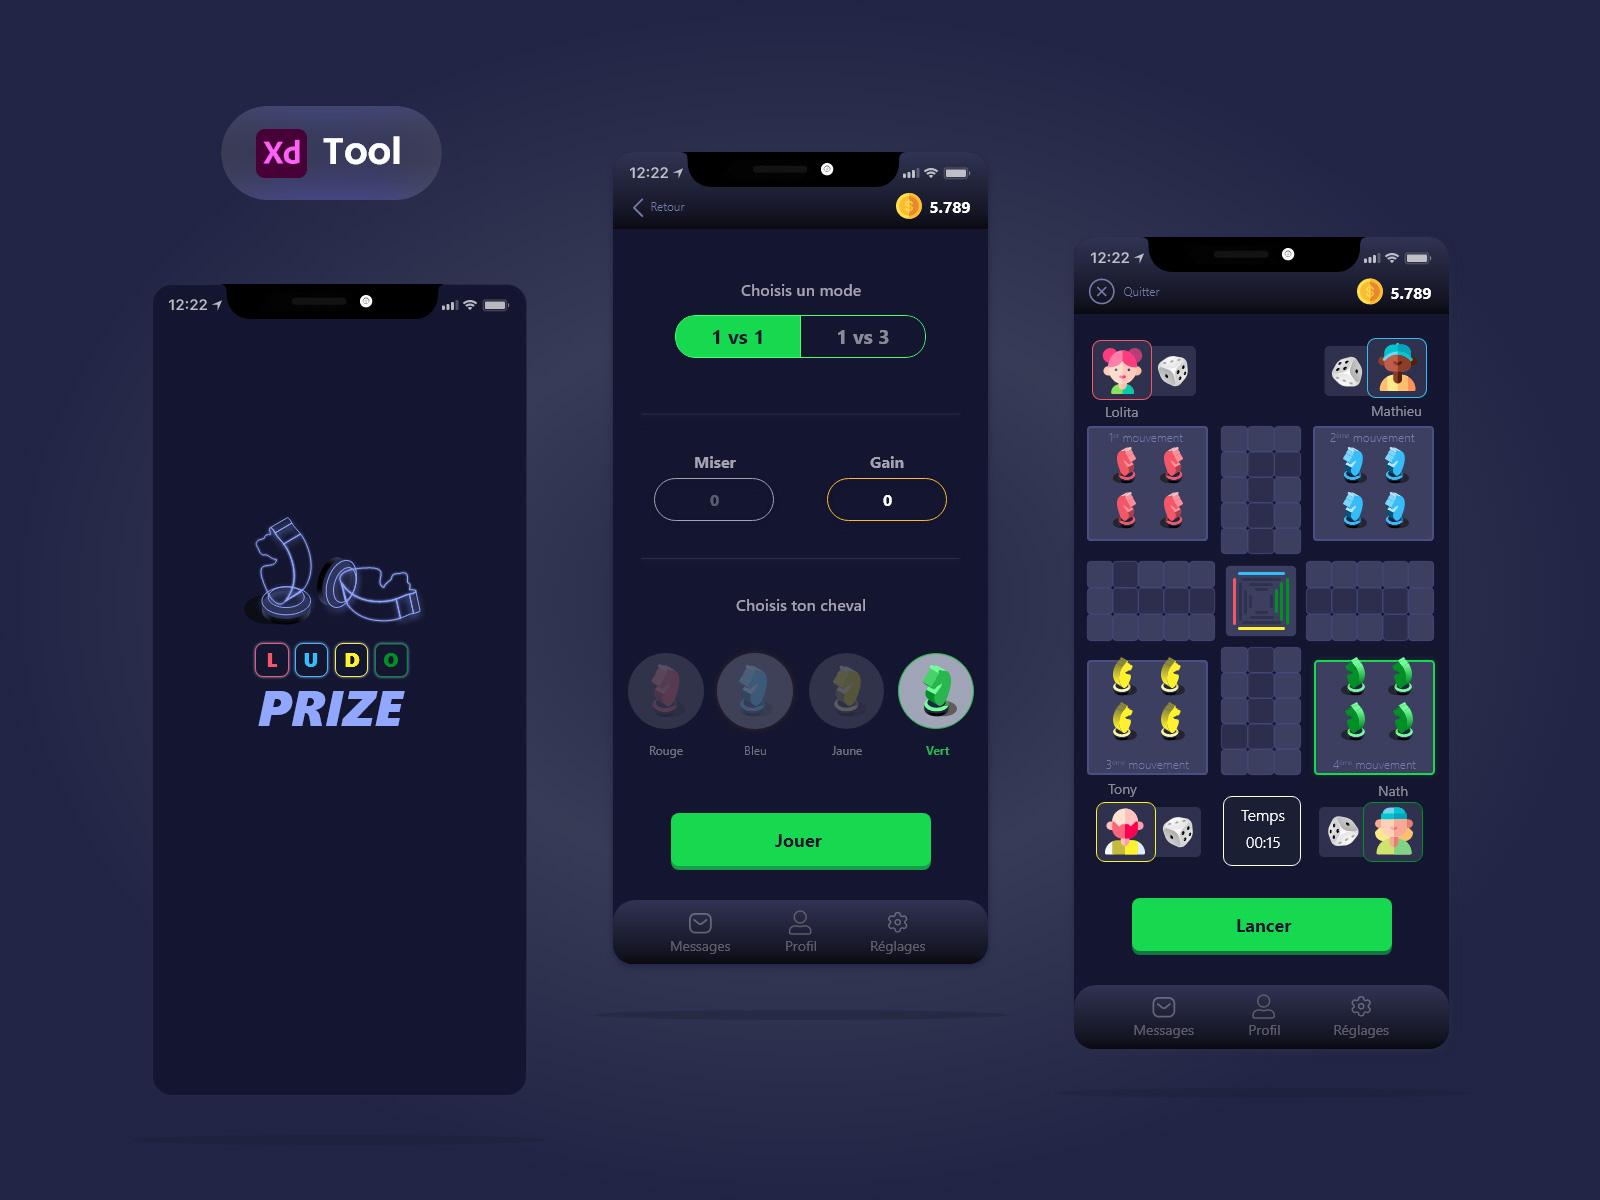 Ludo游戏应用程序设计模板(LudoPrize)插图